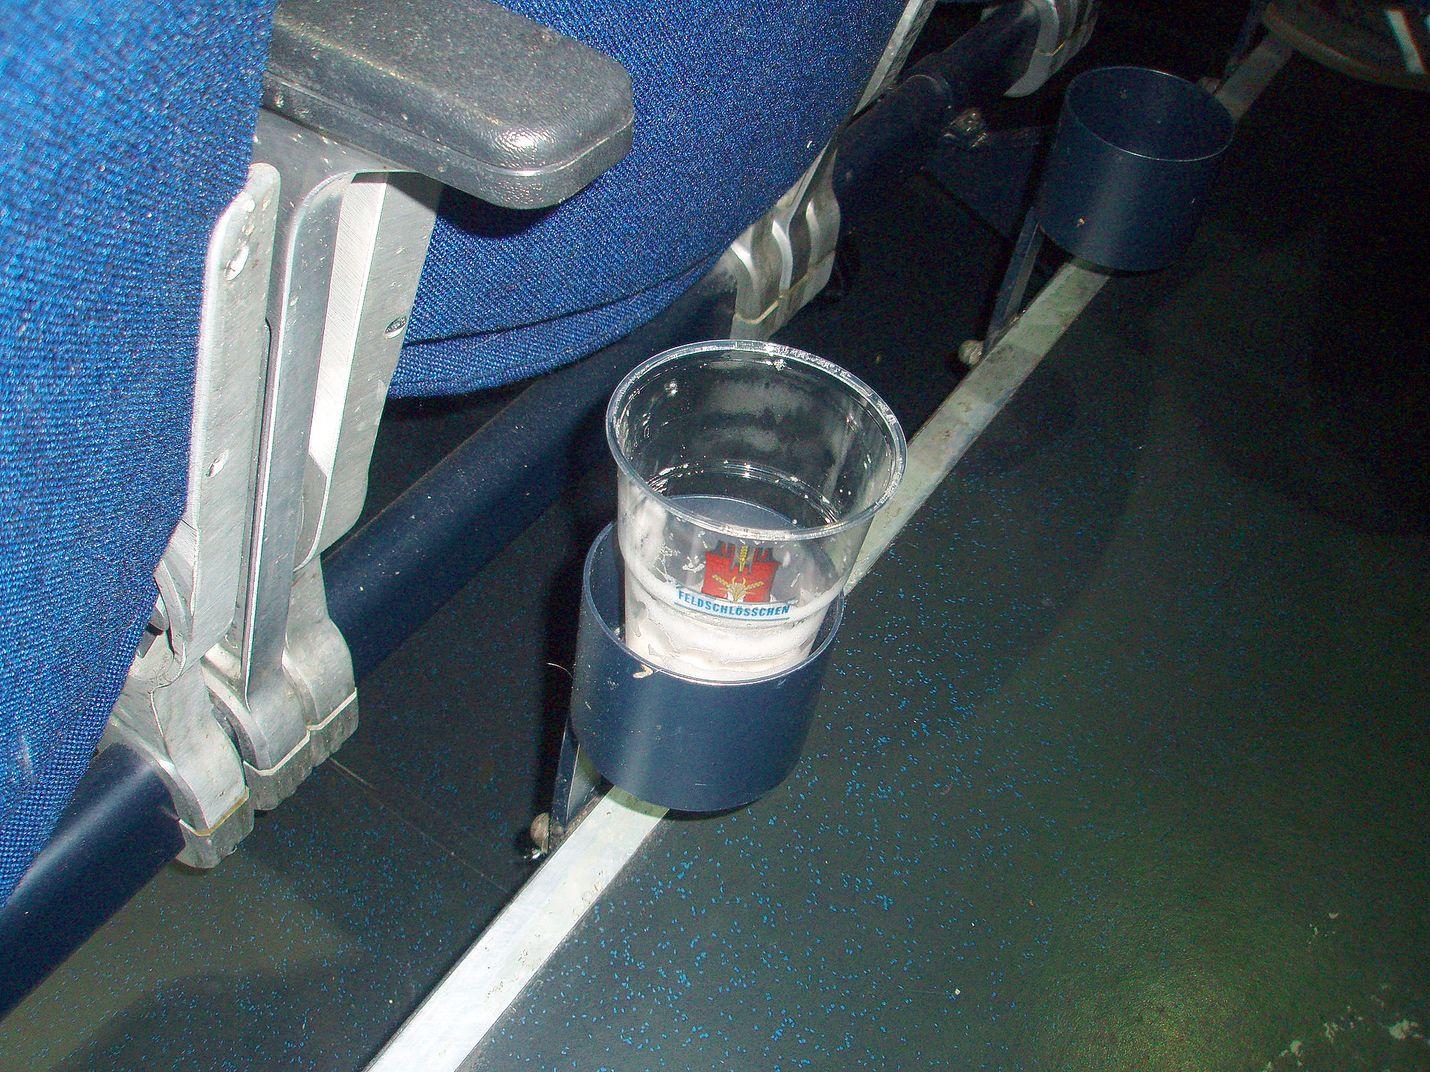 Keski-Euroopan jäähalleissa on oluttuopille telineet joka penkin vieressä.